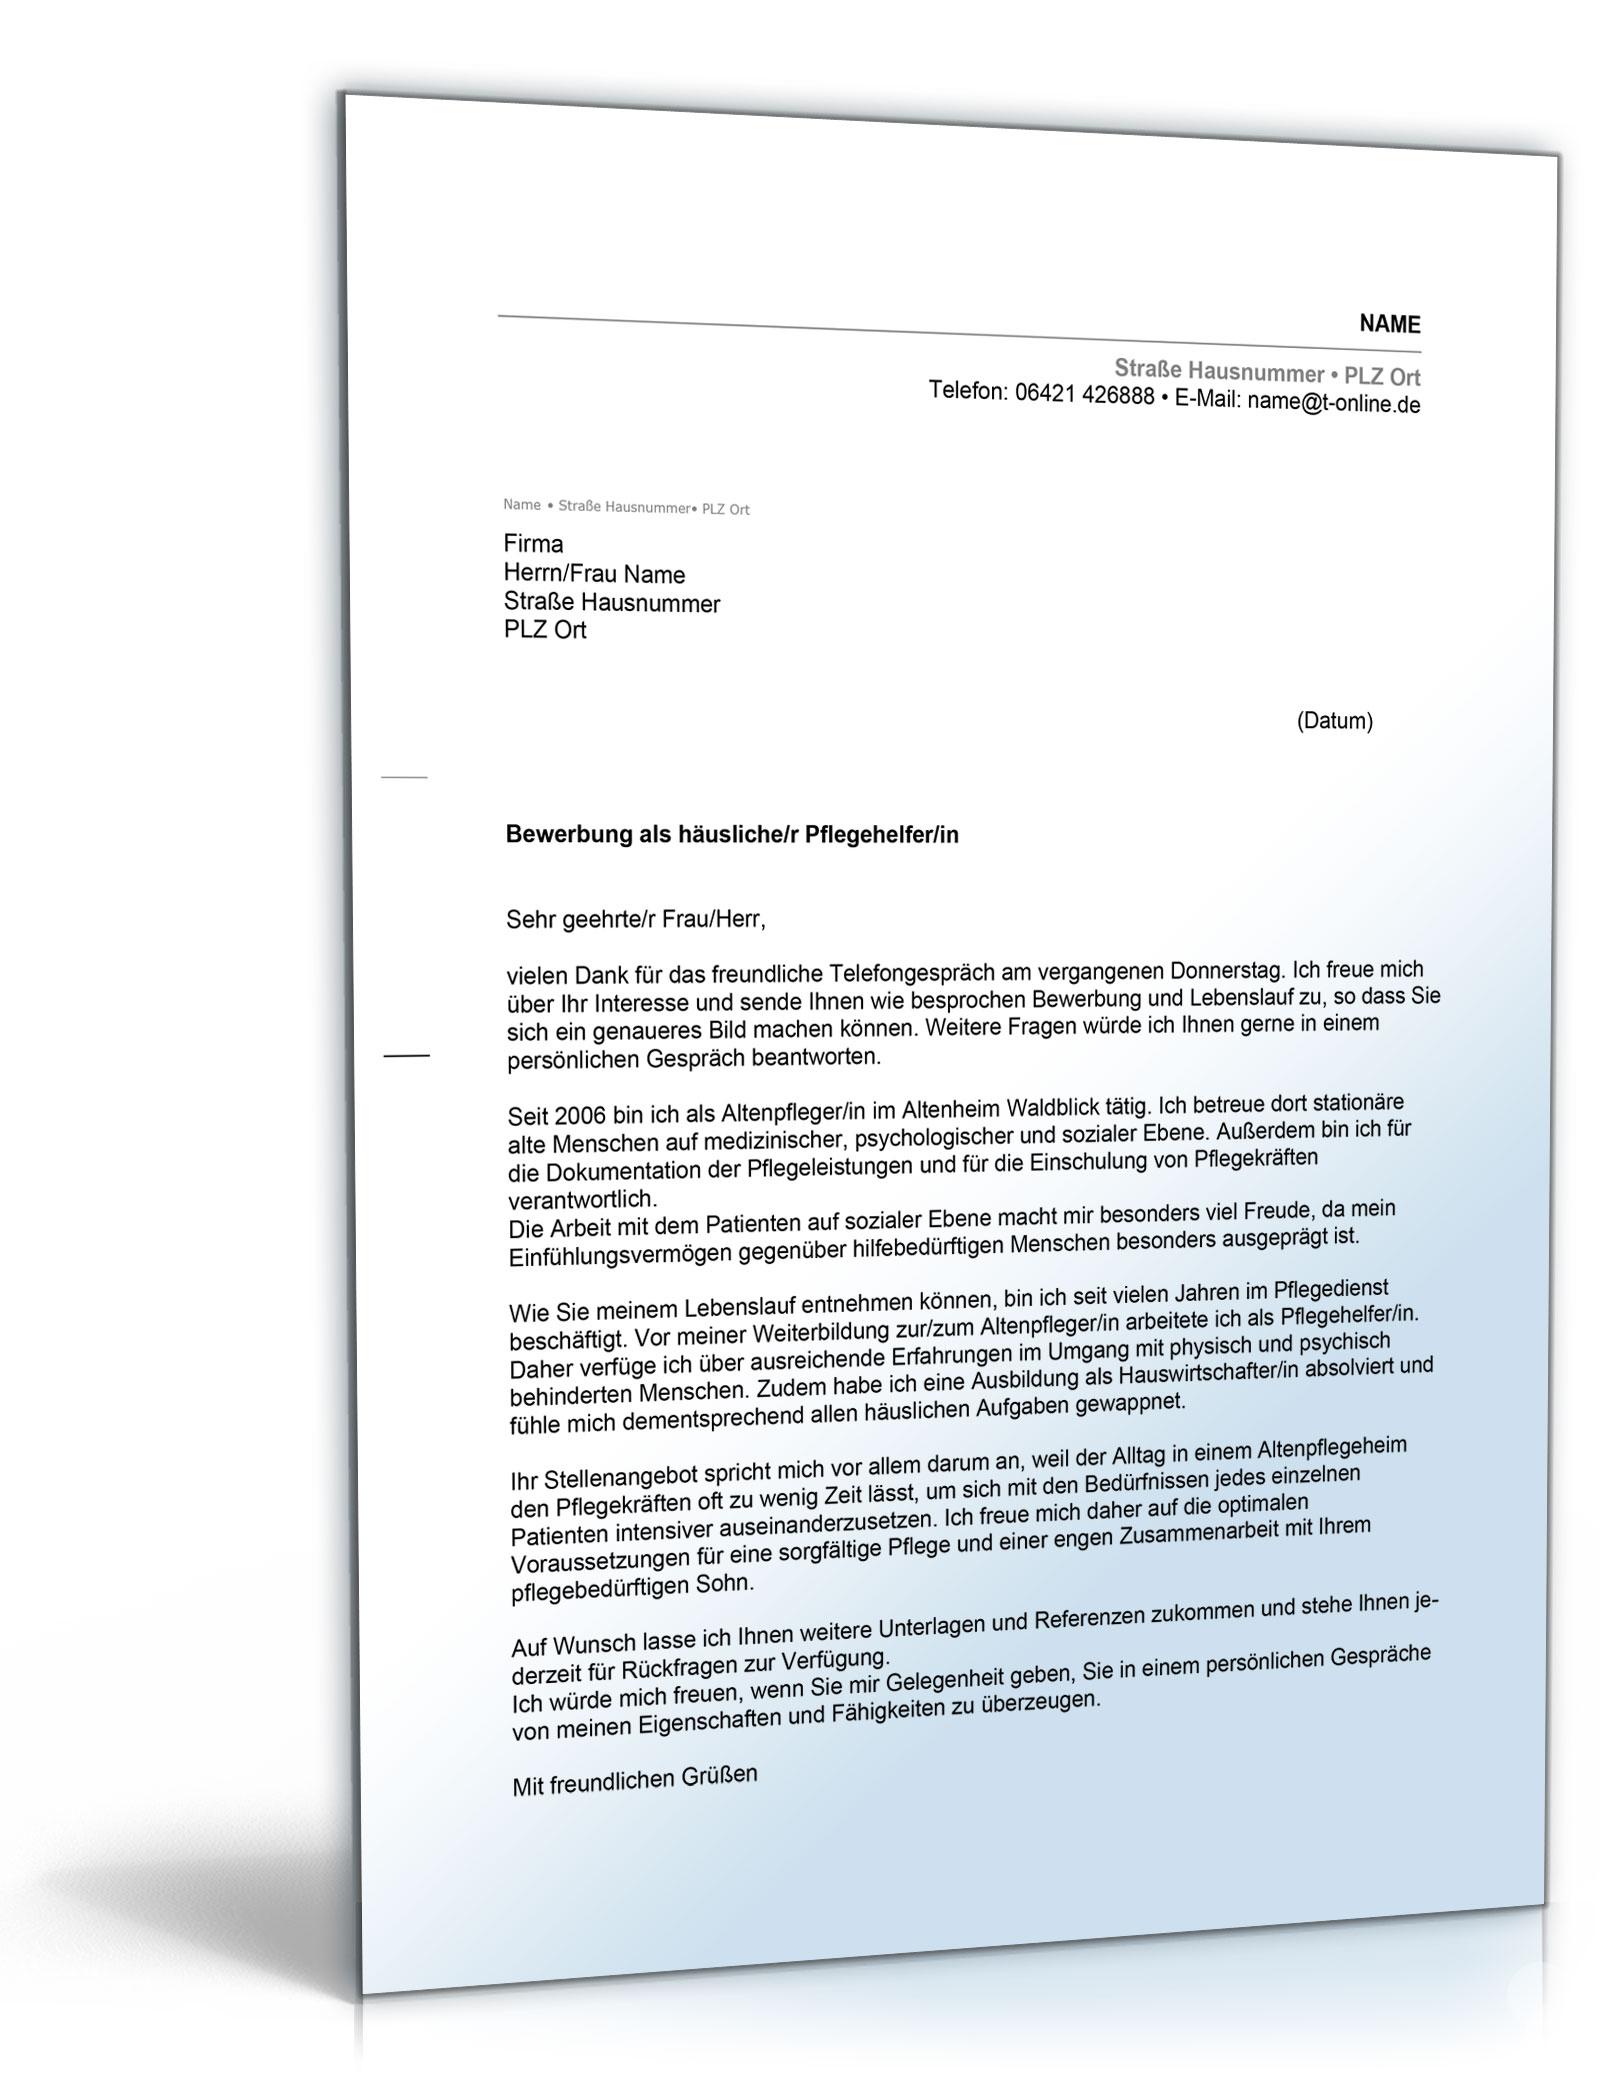 anschreiben bewerbung pflegehelferpflegehelferin dokument zum download - Bewerbung Maschinen Und Anlagenfuhrer